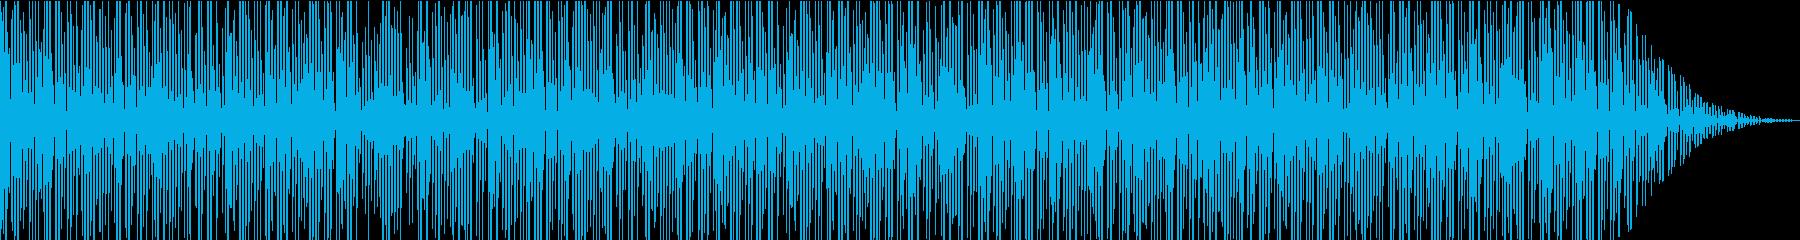 アルペジオでえ構成したピアノソロ作品の再生済みの波形